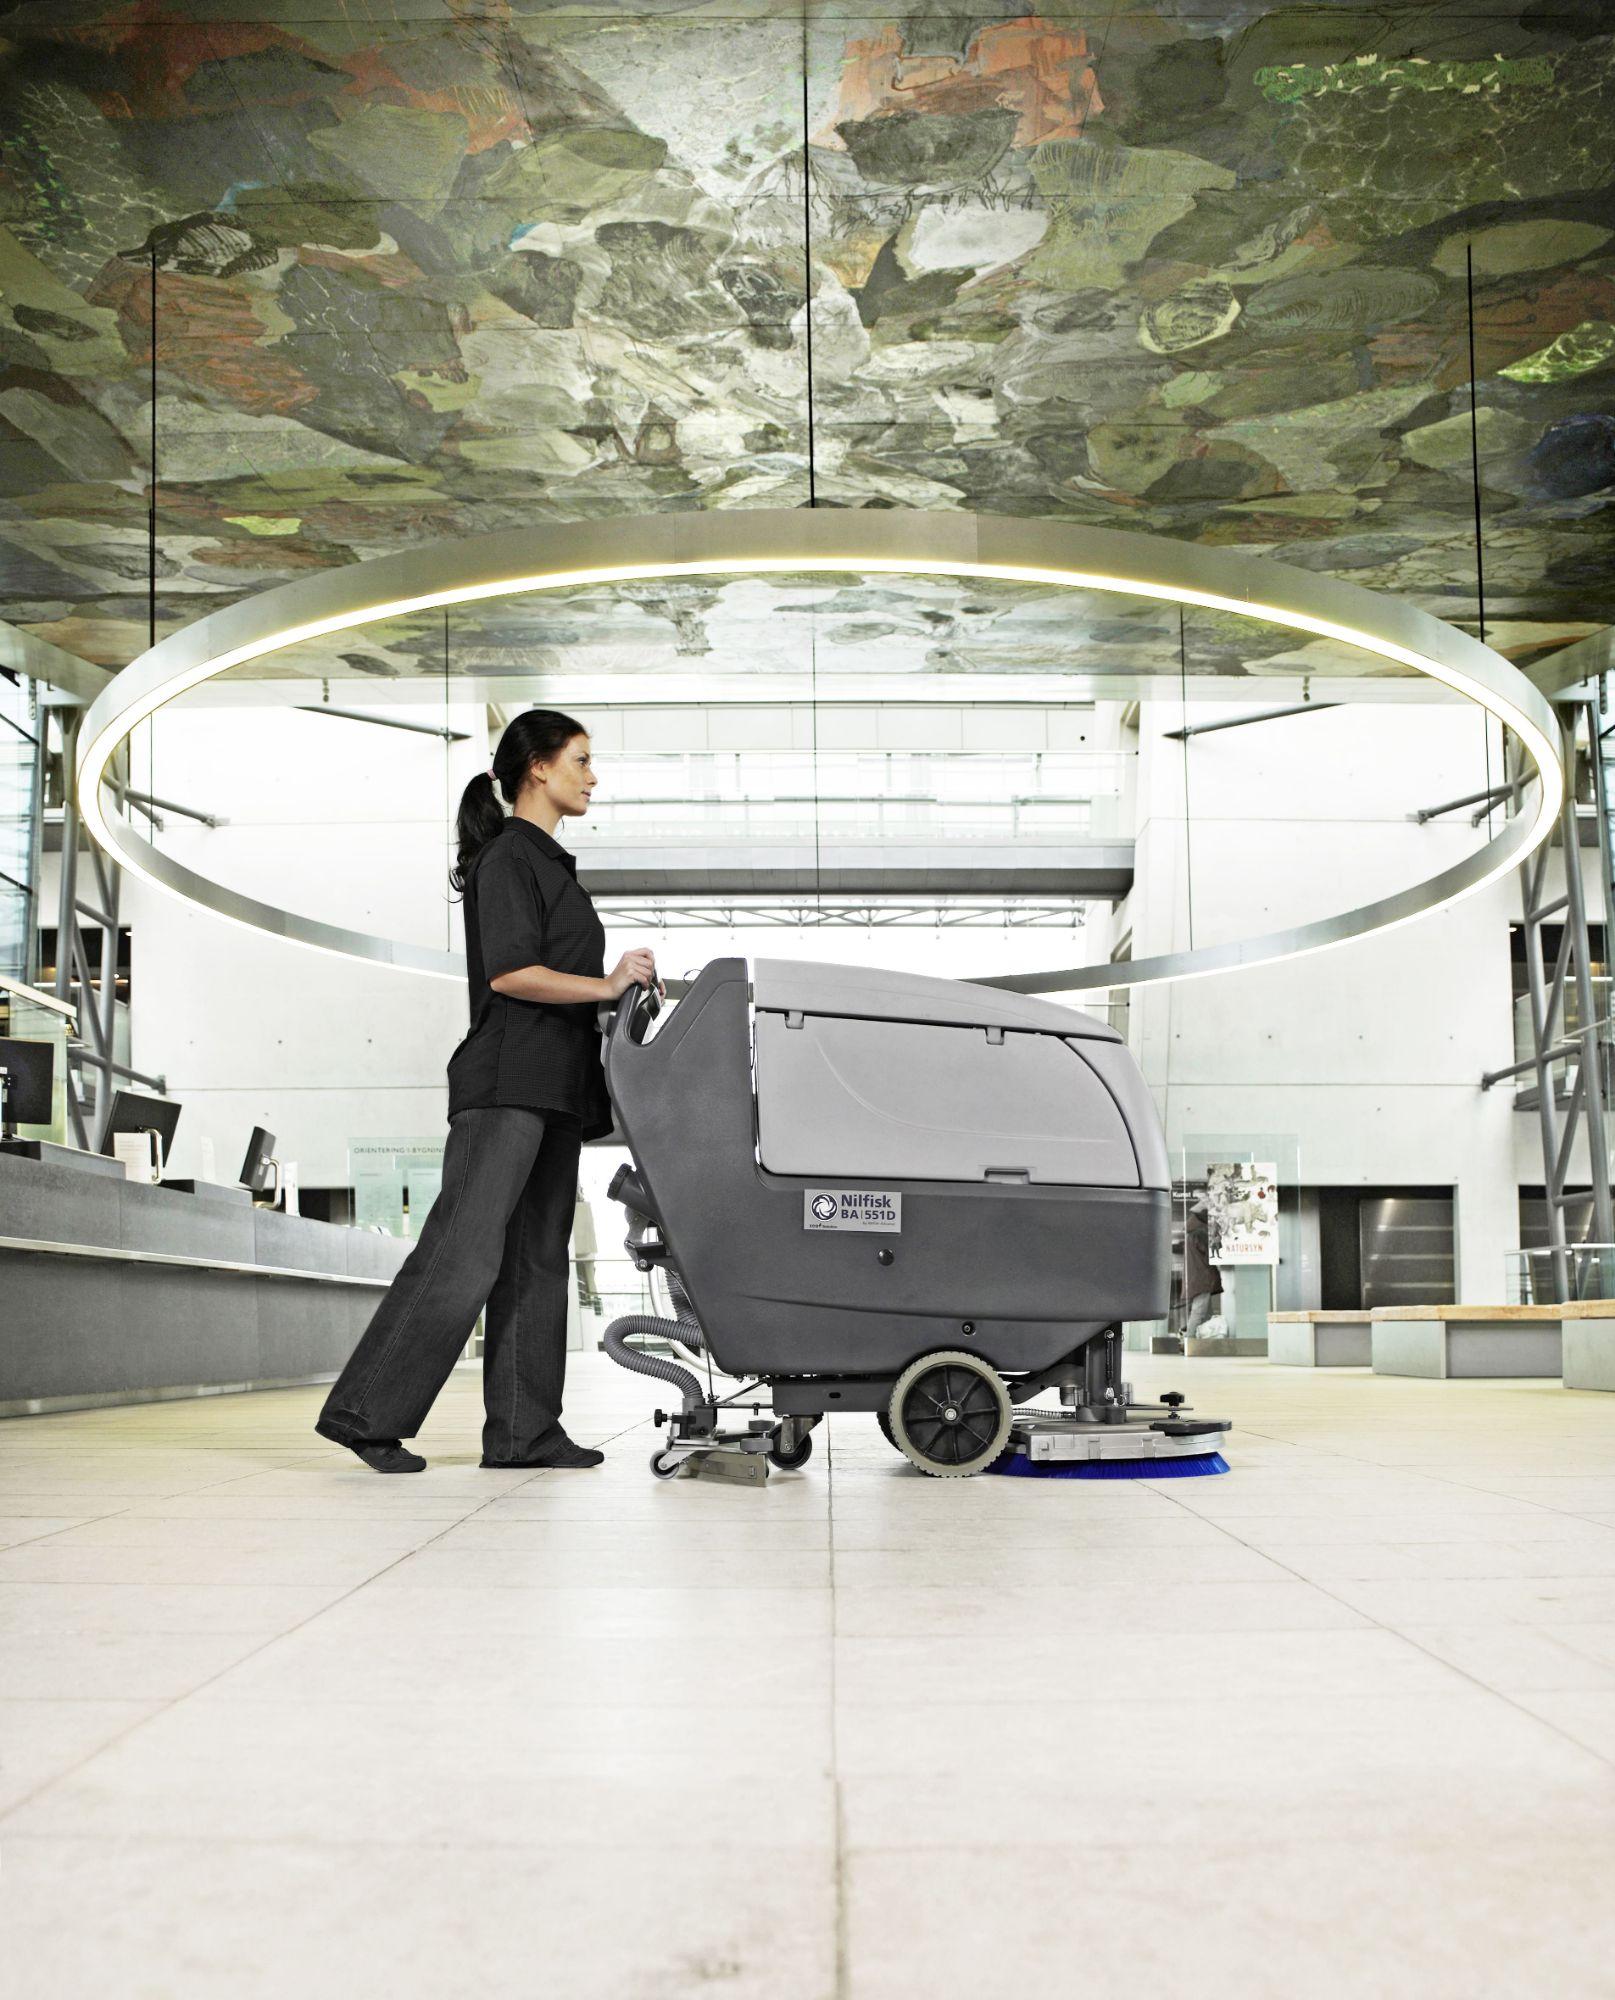 Nilfisk BA551 Scrubber Dryer In Use-min